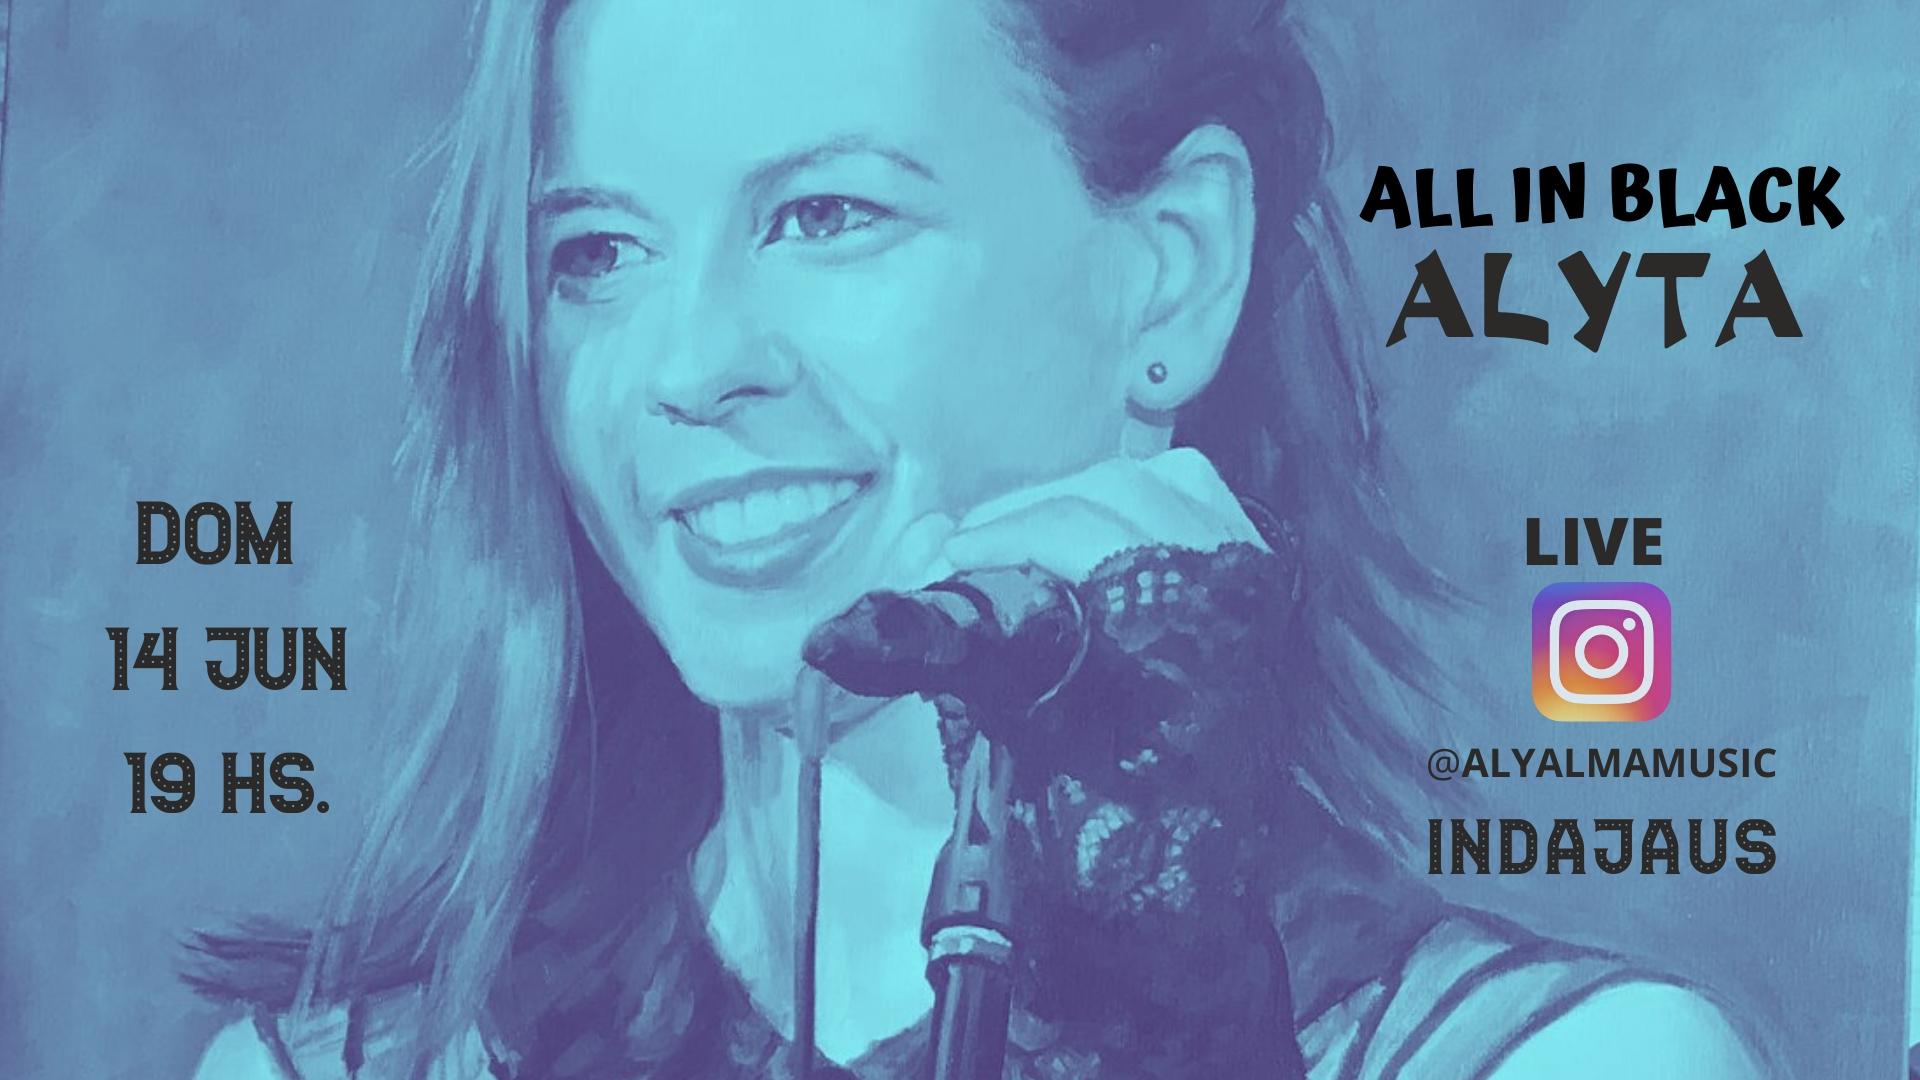 Cartel concierto Alyta - Live en Instagram